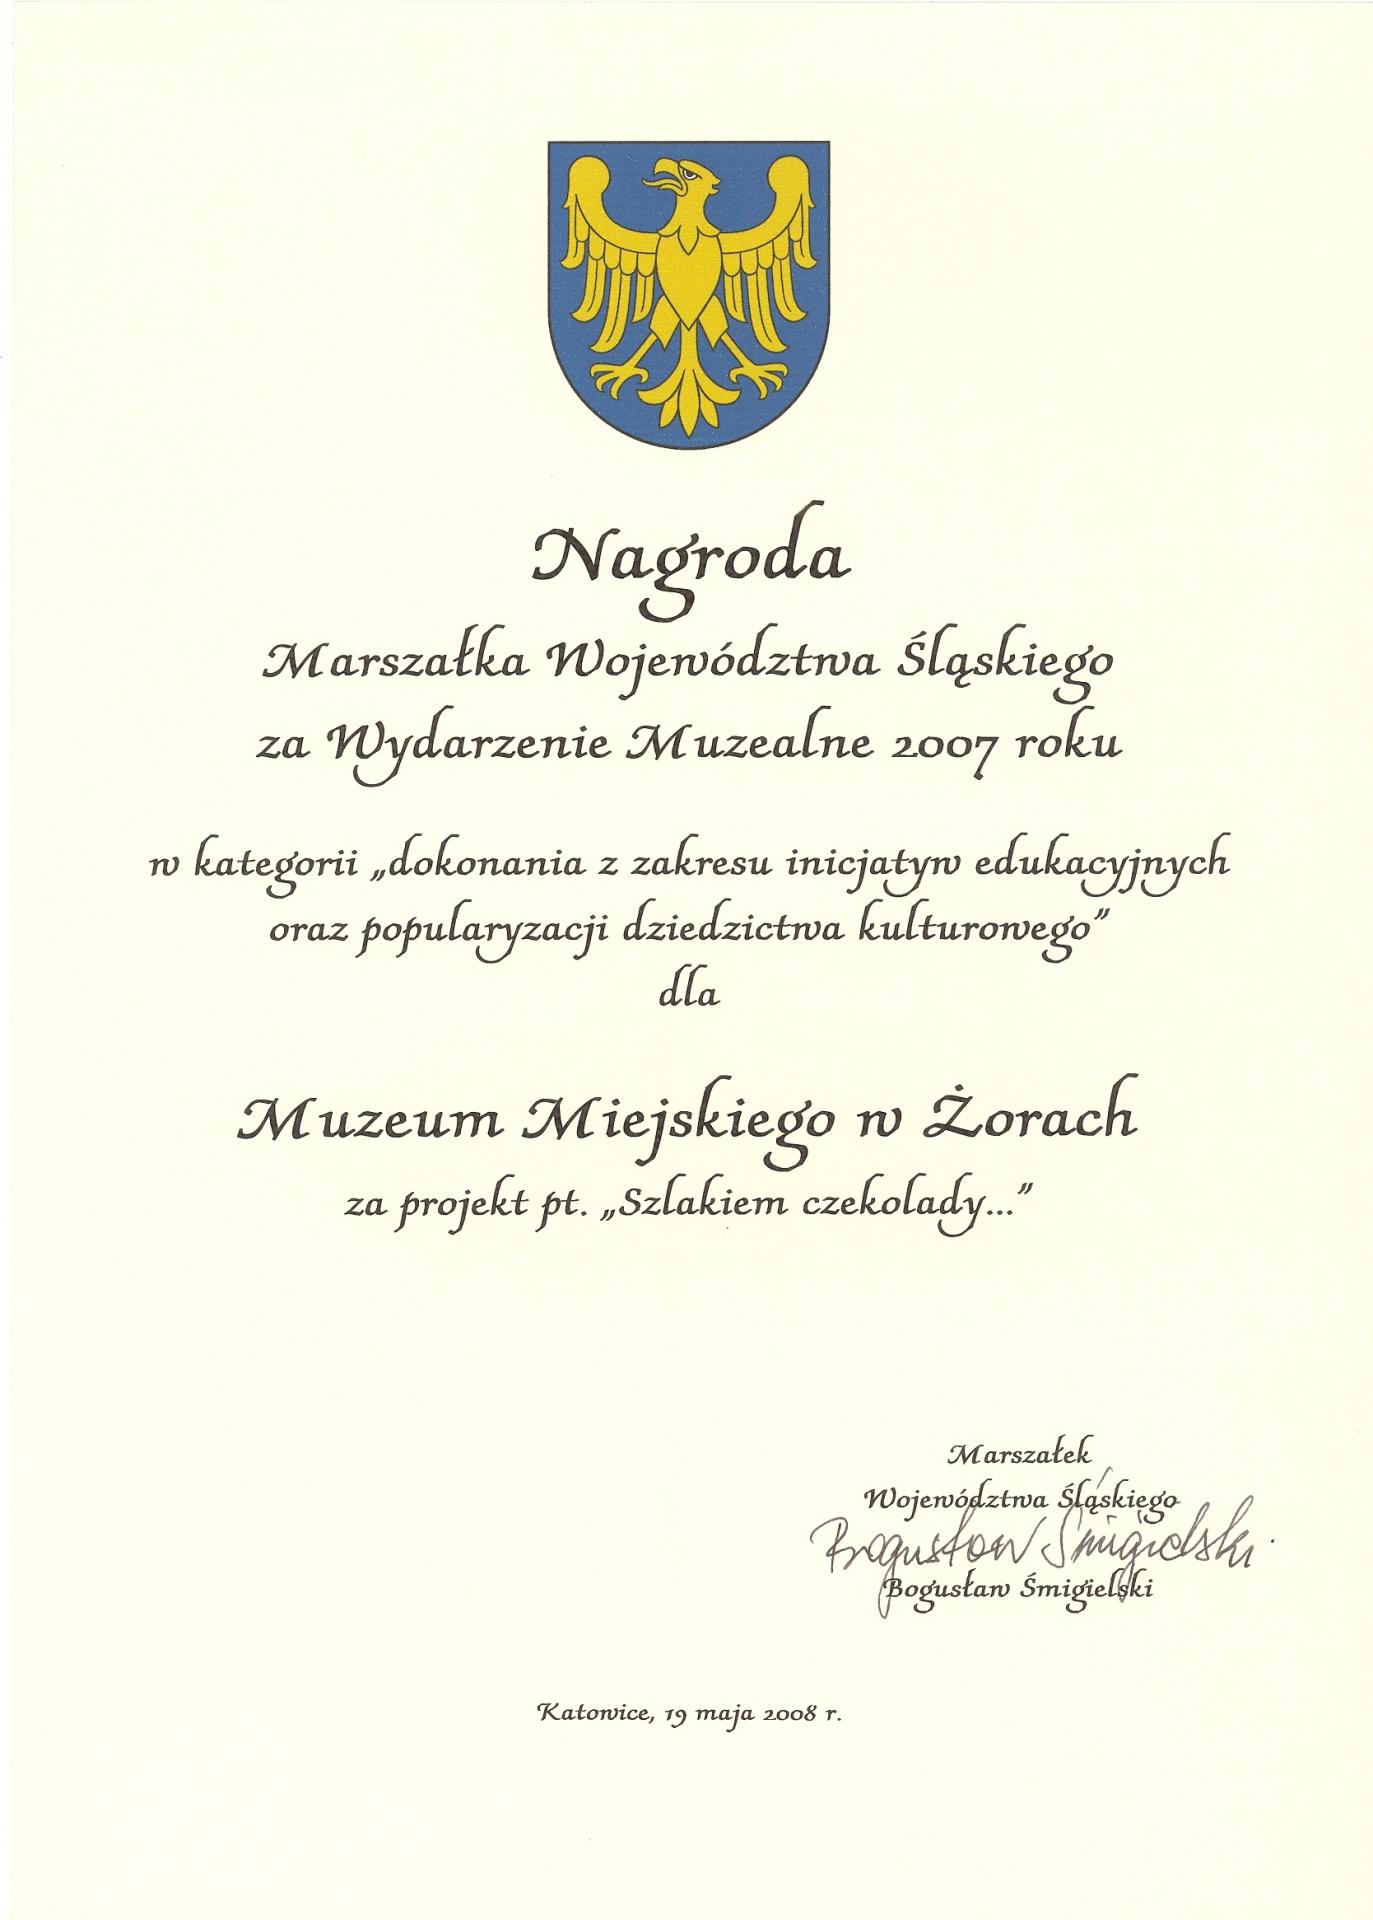 Nagroda Marszałka Województwa Śląskiego 2008